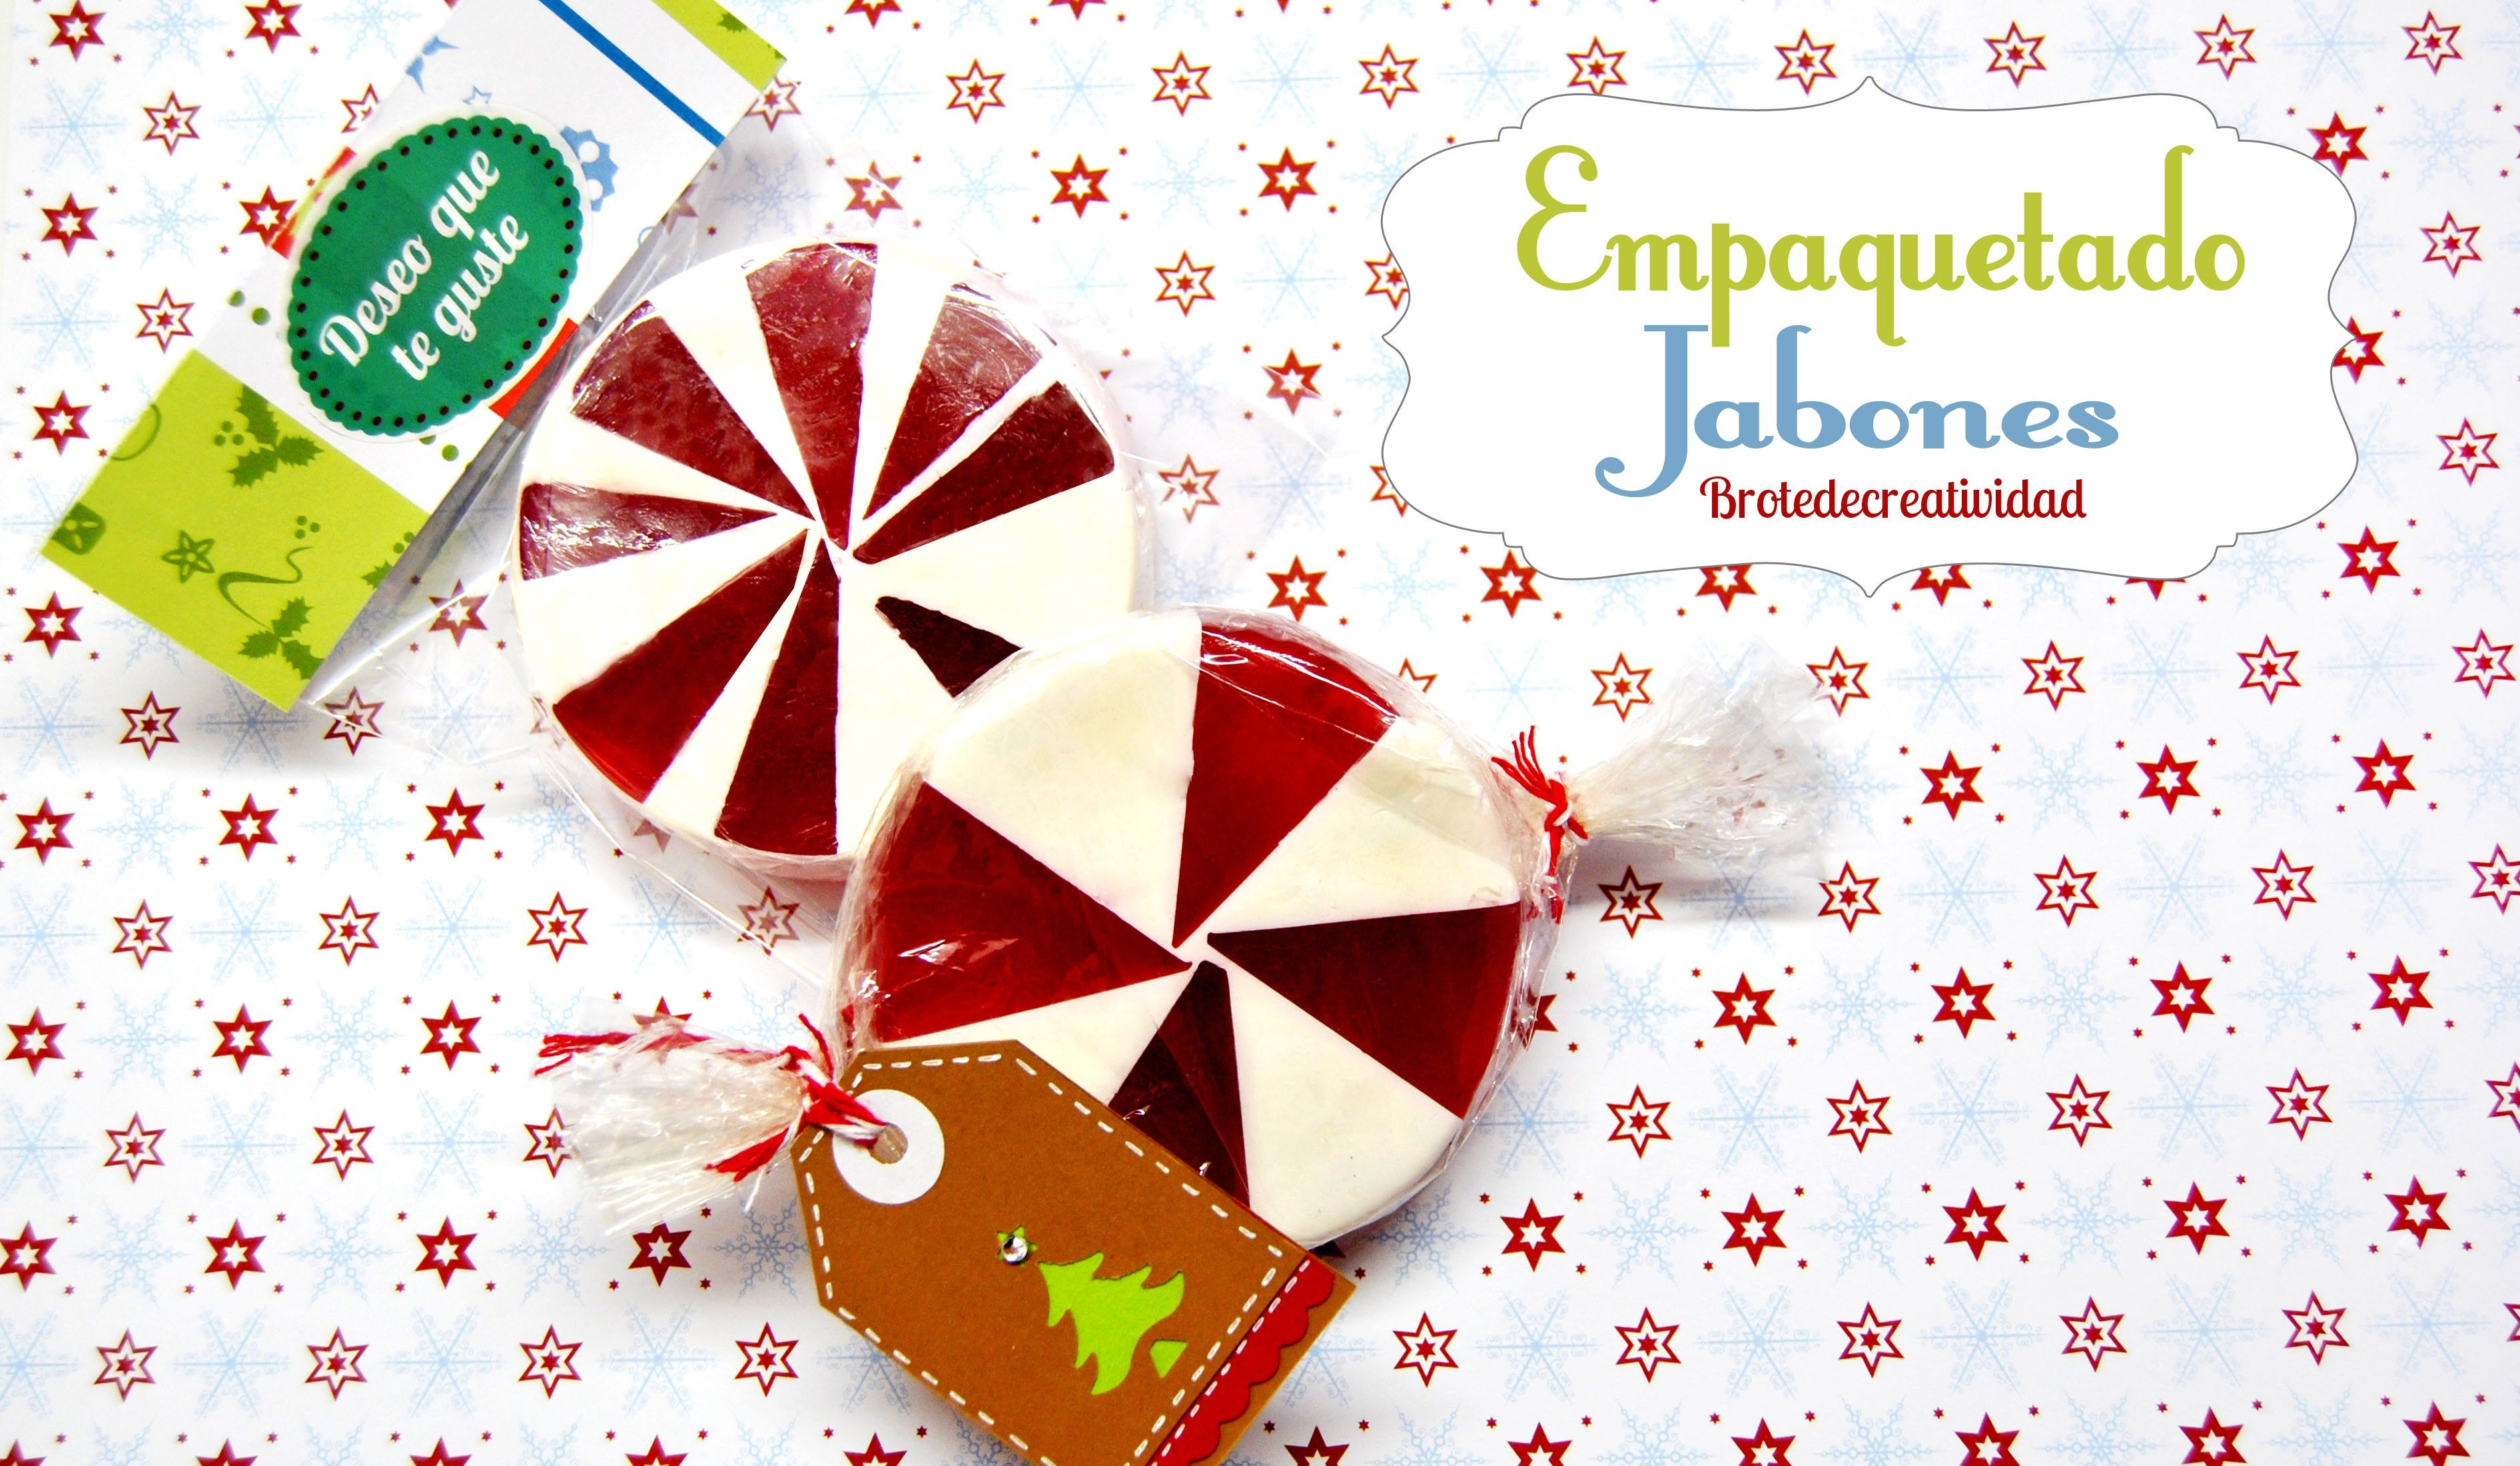 Diy Empaquetado De Jabones Adornos Navidad Pinterest